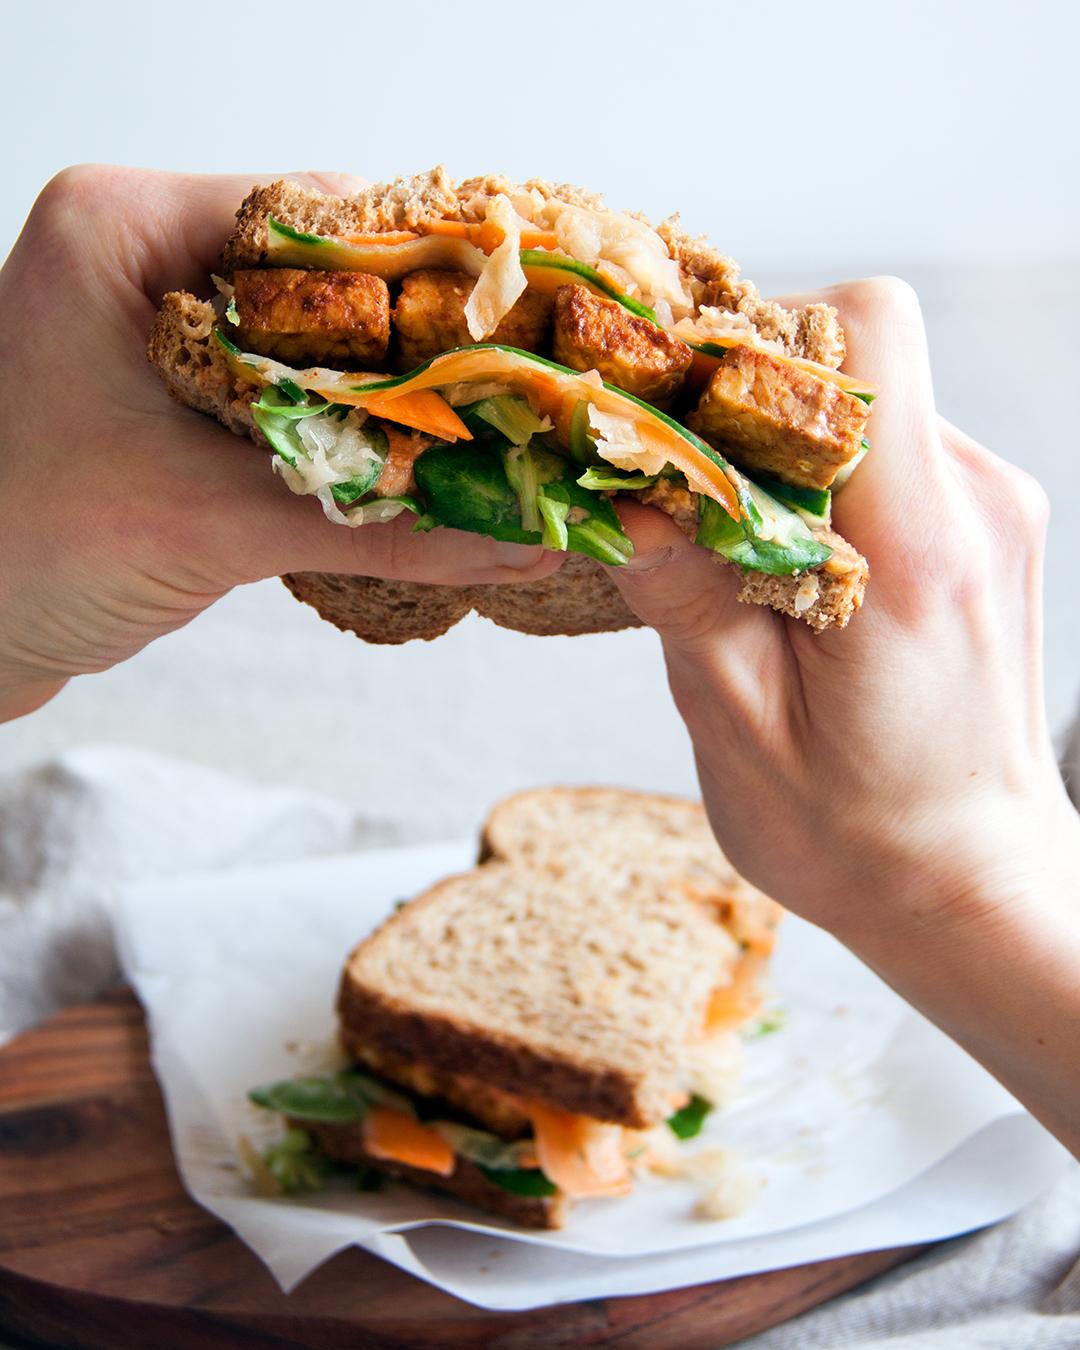 tempeh-reuben-sandwich-vegan-whole-foods-olievrij-01.jpg